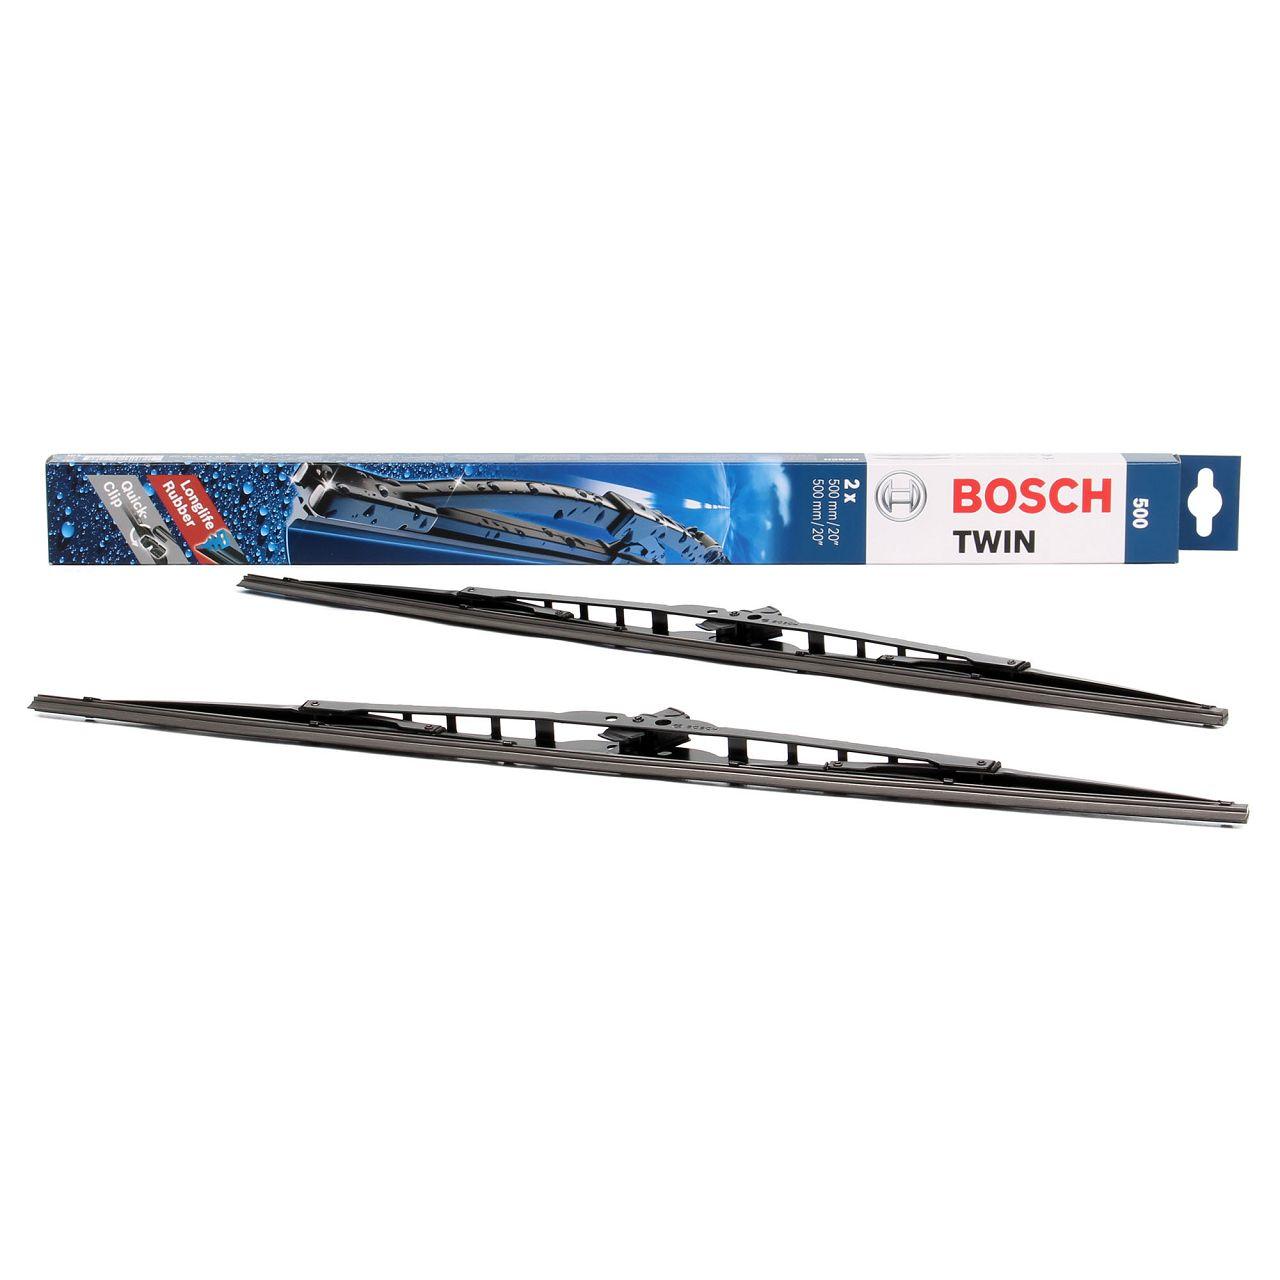 Bosch Scheibenwischer Bügelwischer TWIN 500 2x 500mm